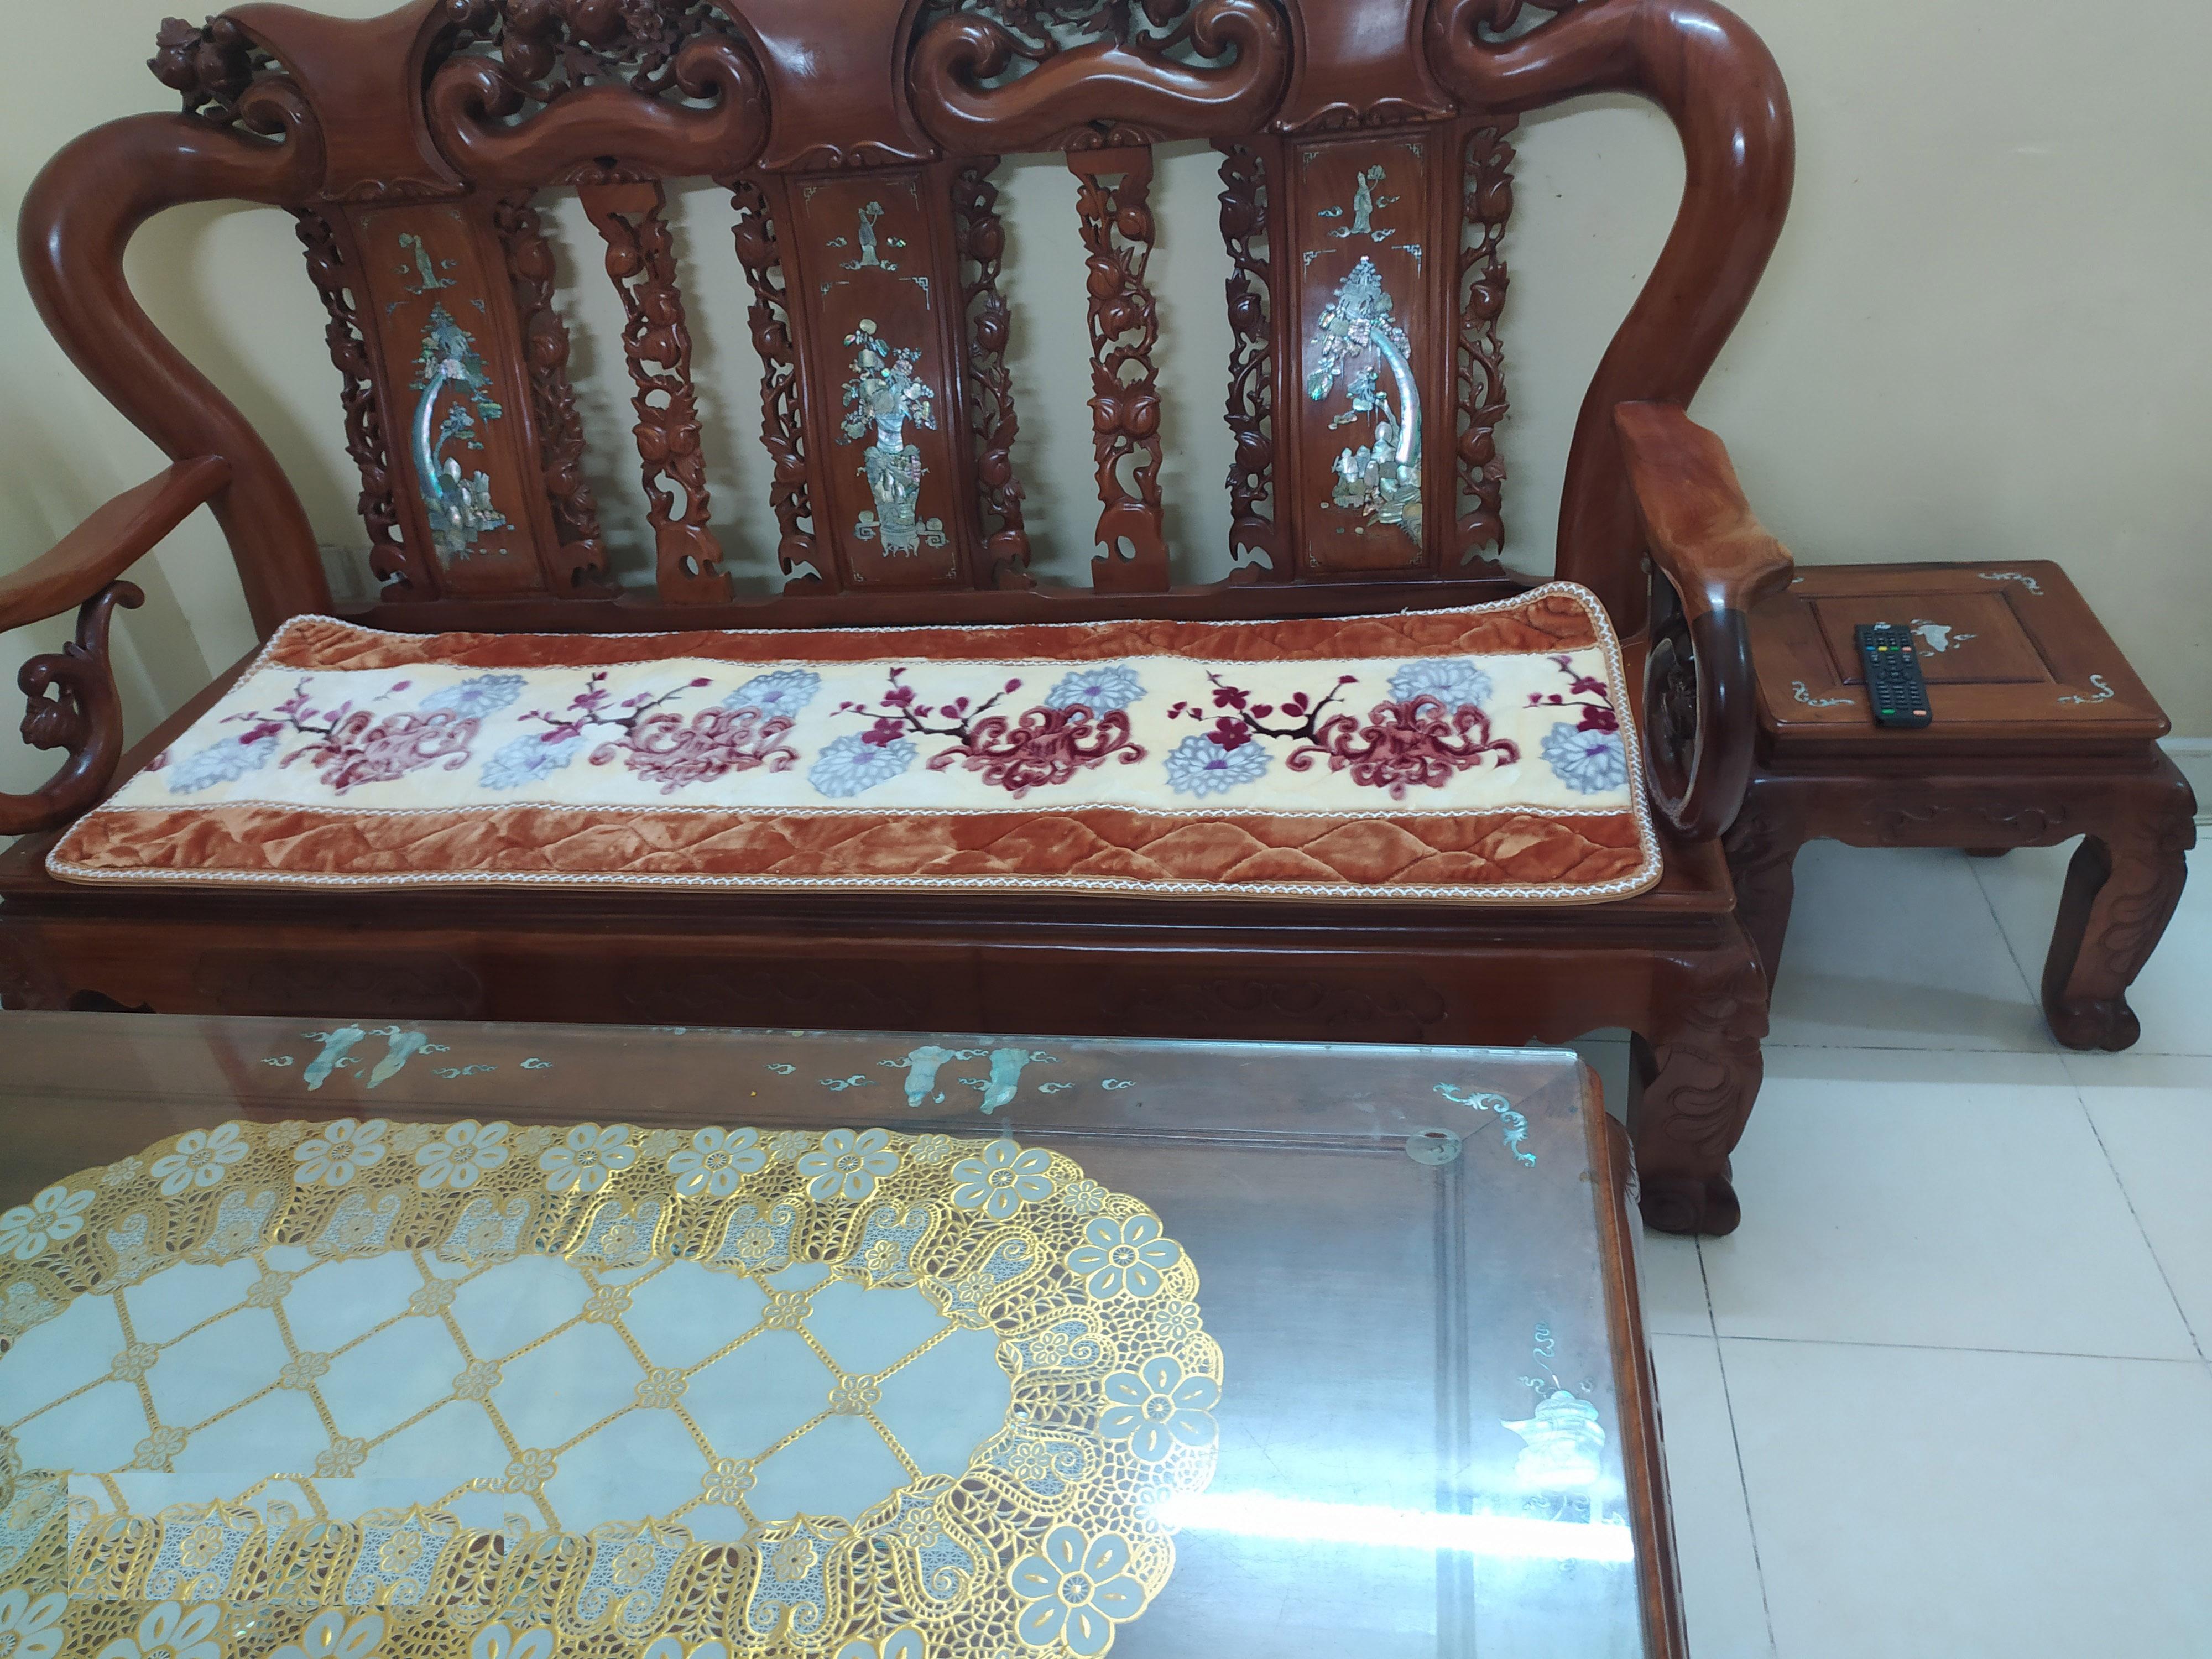 Bộ thảm ghế salong 3 miếng lông nhung tuyết dày 2cm( 1 miếng dùng cho ghế dài; 2 miếng dùng cho ghế vuông) tông màu vàng